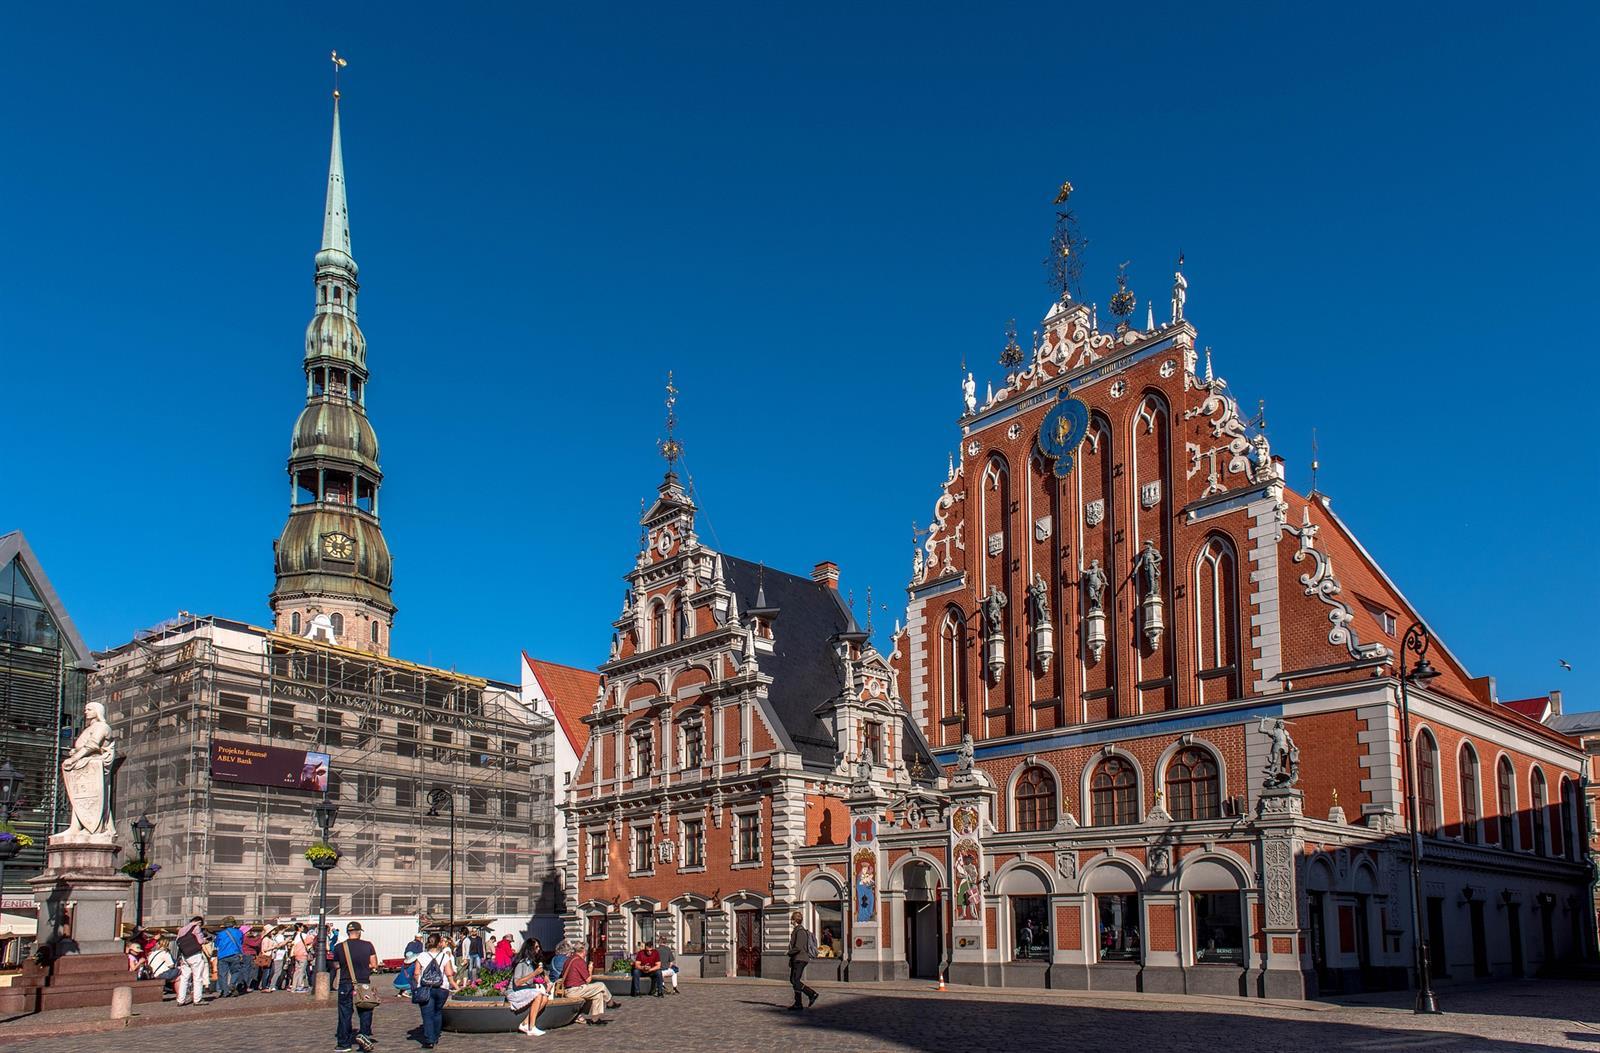 בית שחורי הראש בריגה (Pixabay)